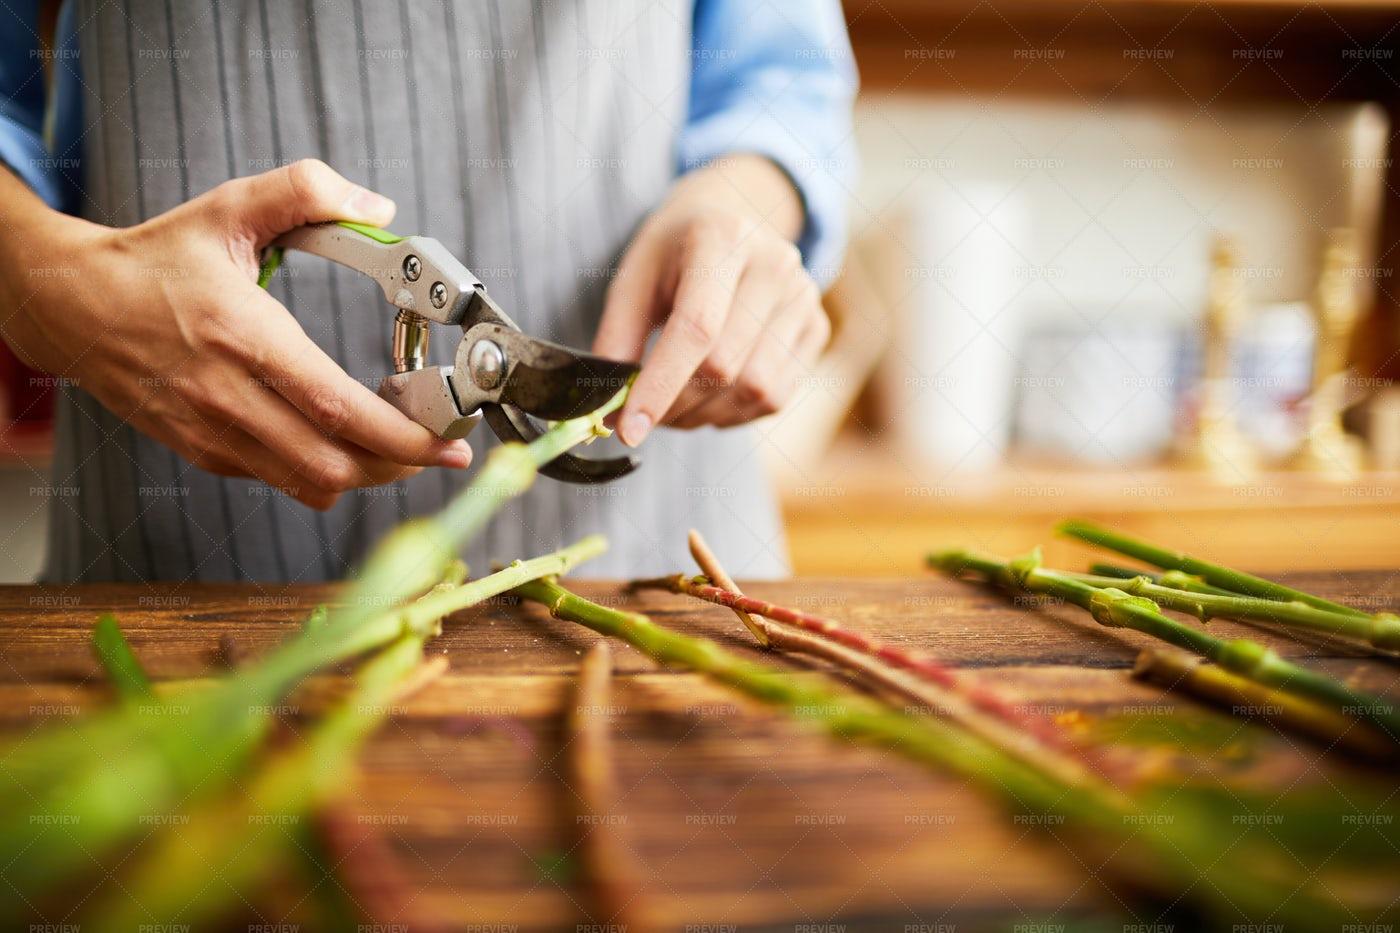 Florist Cutting Stems Closeup: Stock Photos